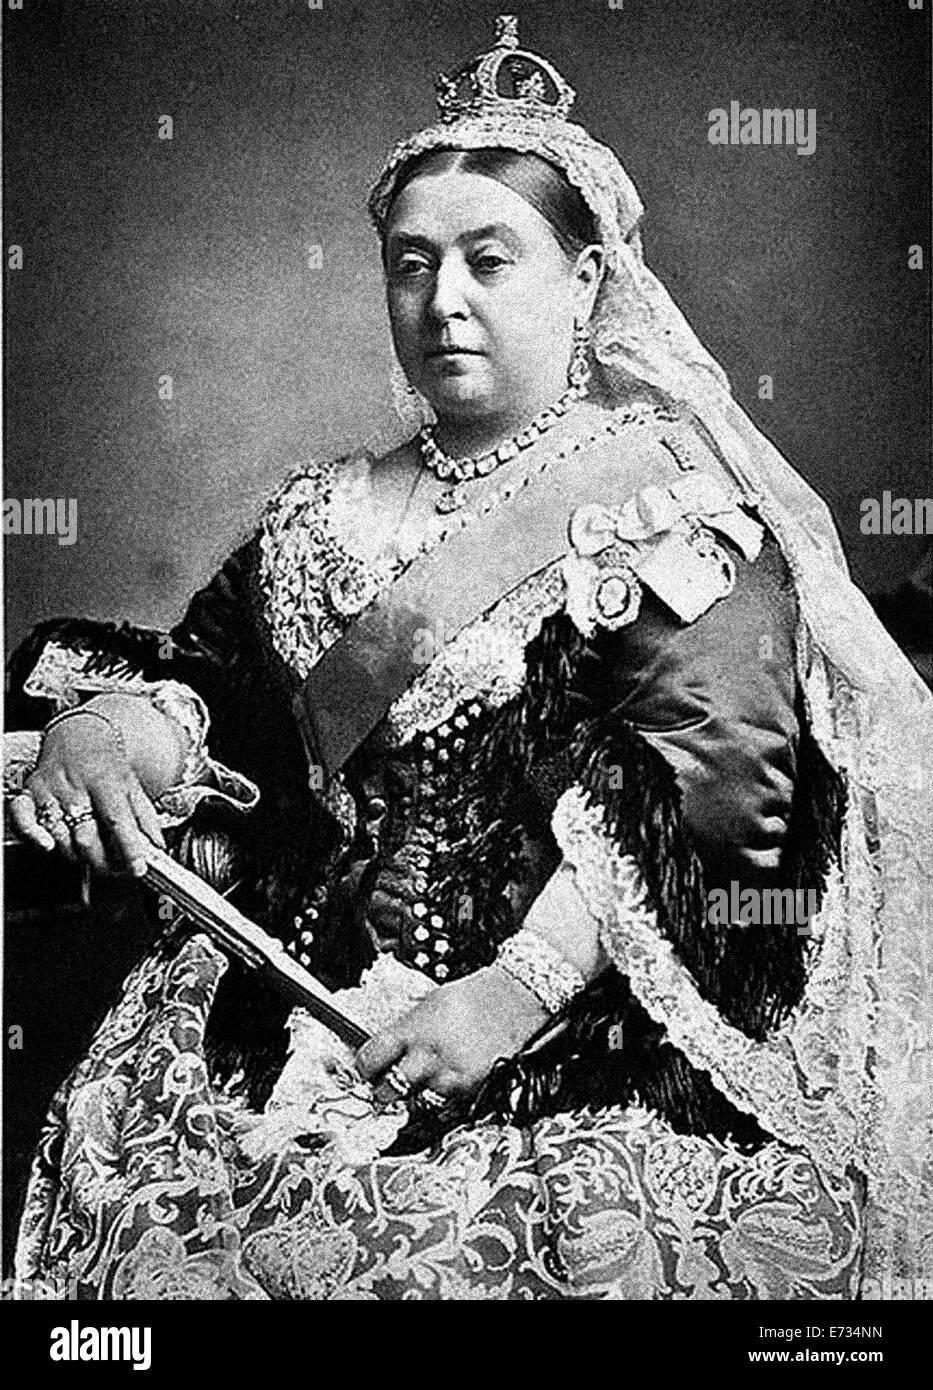 La reine Victoria lors de son jubilé de diamant. À partir des archives de communiqués de presse (anciennement Photo Stock